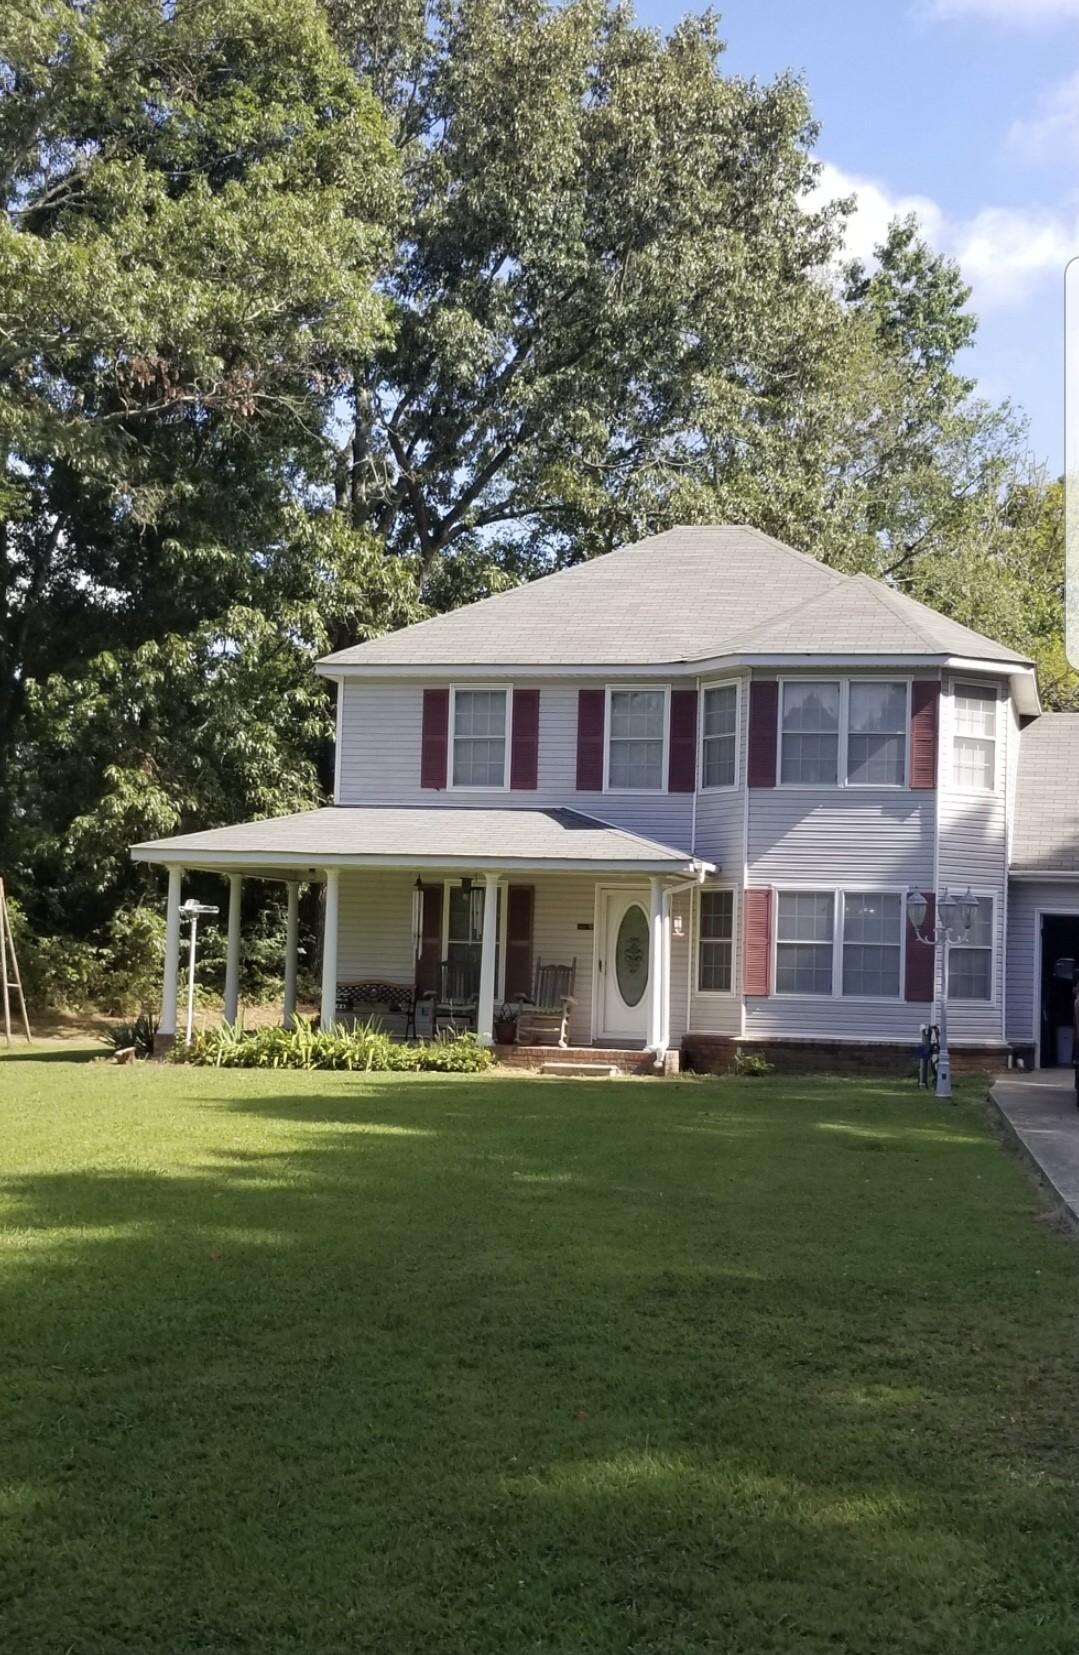 731 Brenda Ave Property Photo - Loretto, TN real estate listing